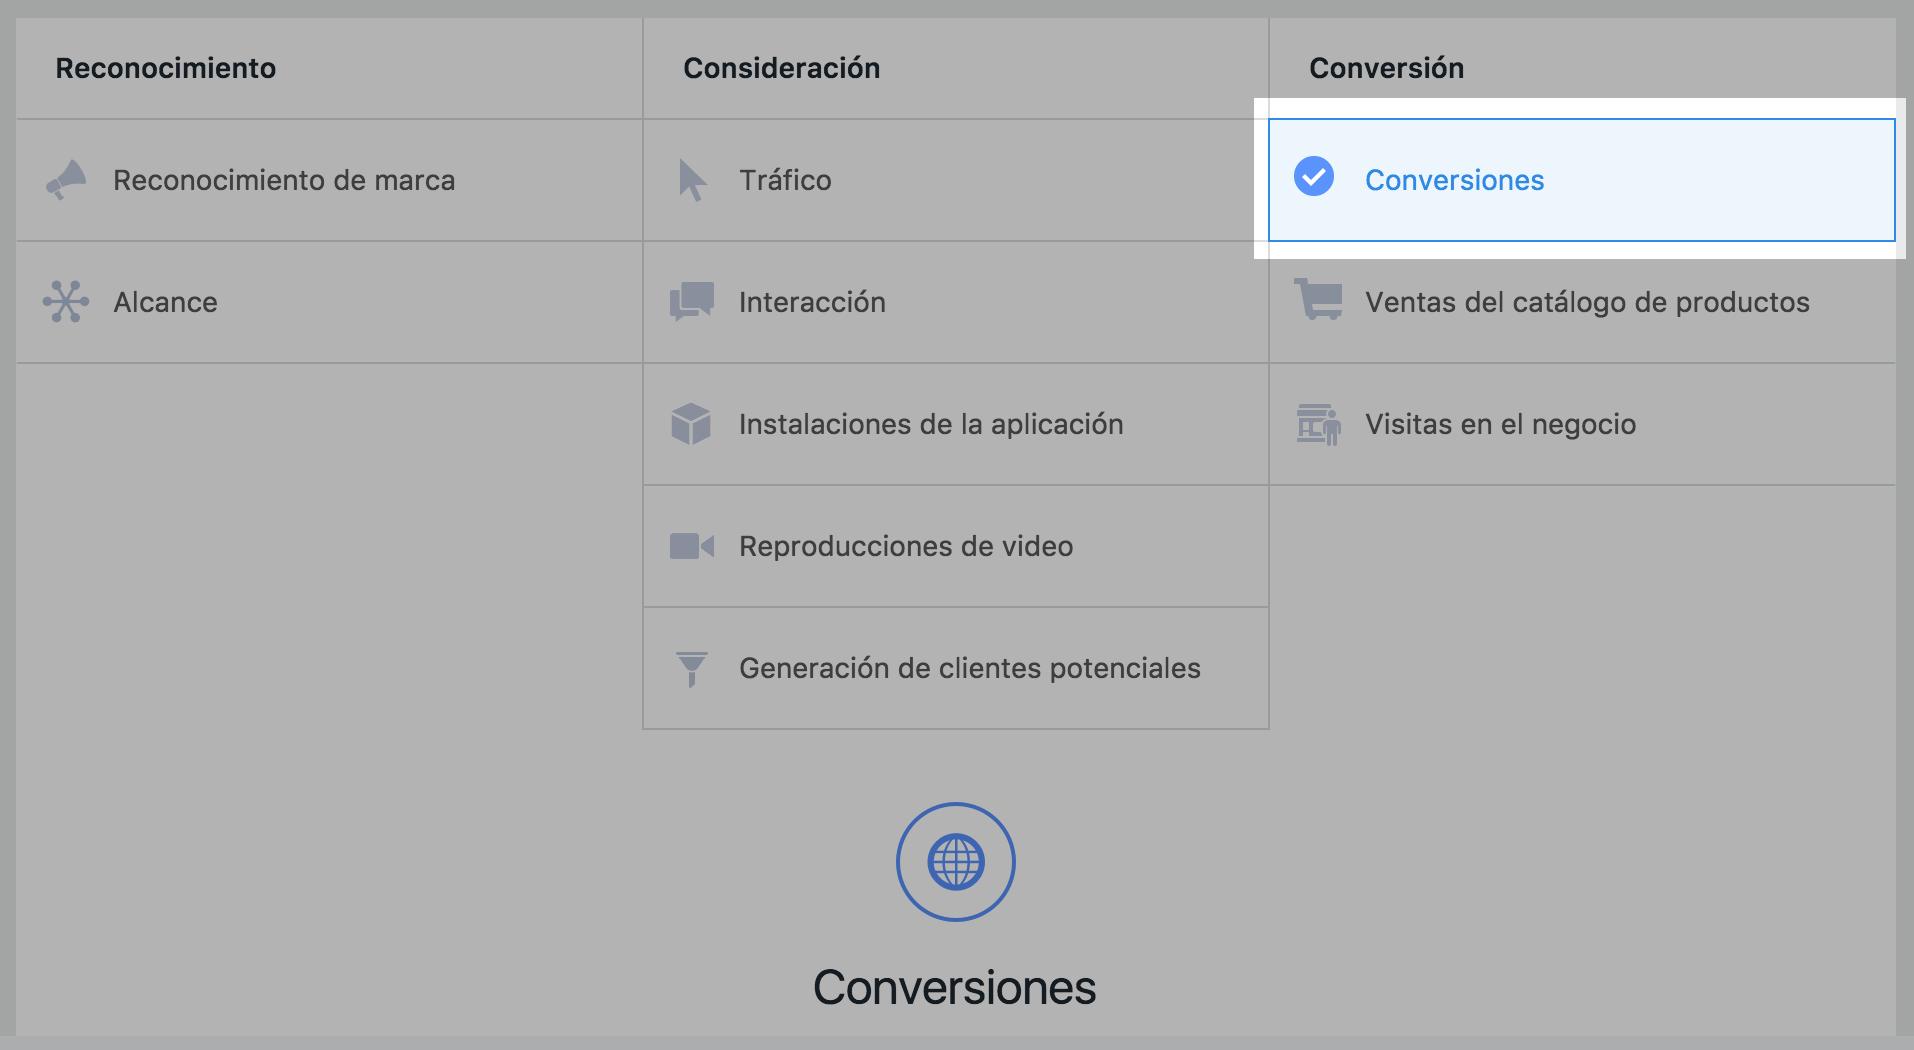 campana-con-objetivo-de-conversiones-en-sitio-web-AM